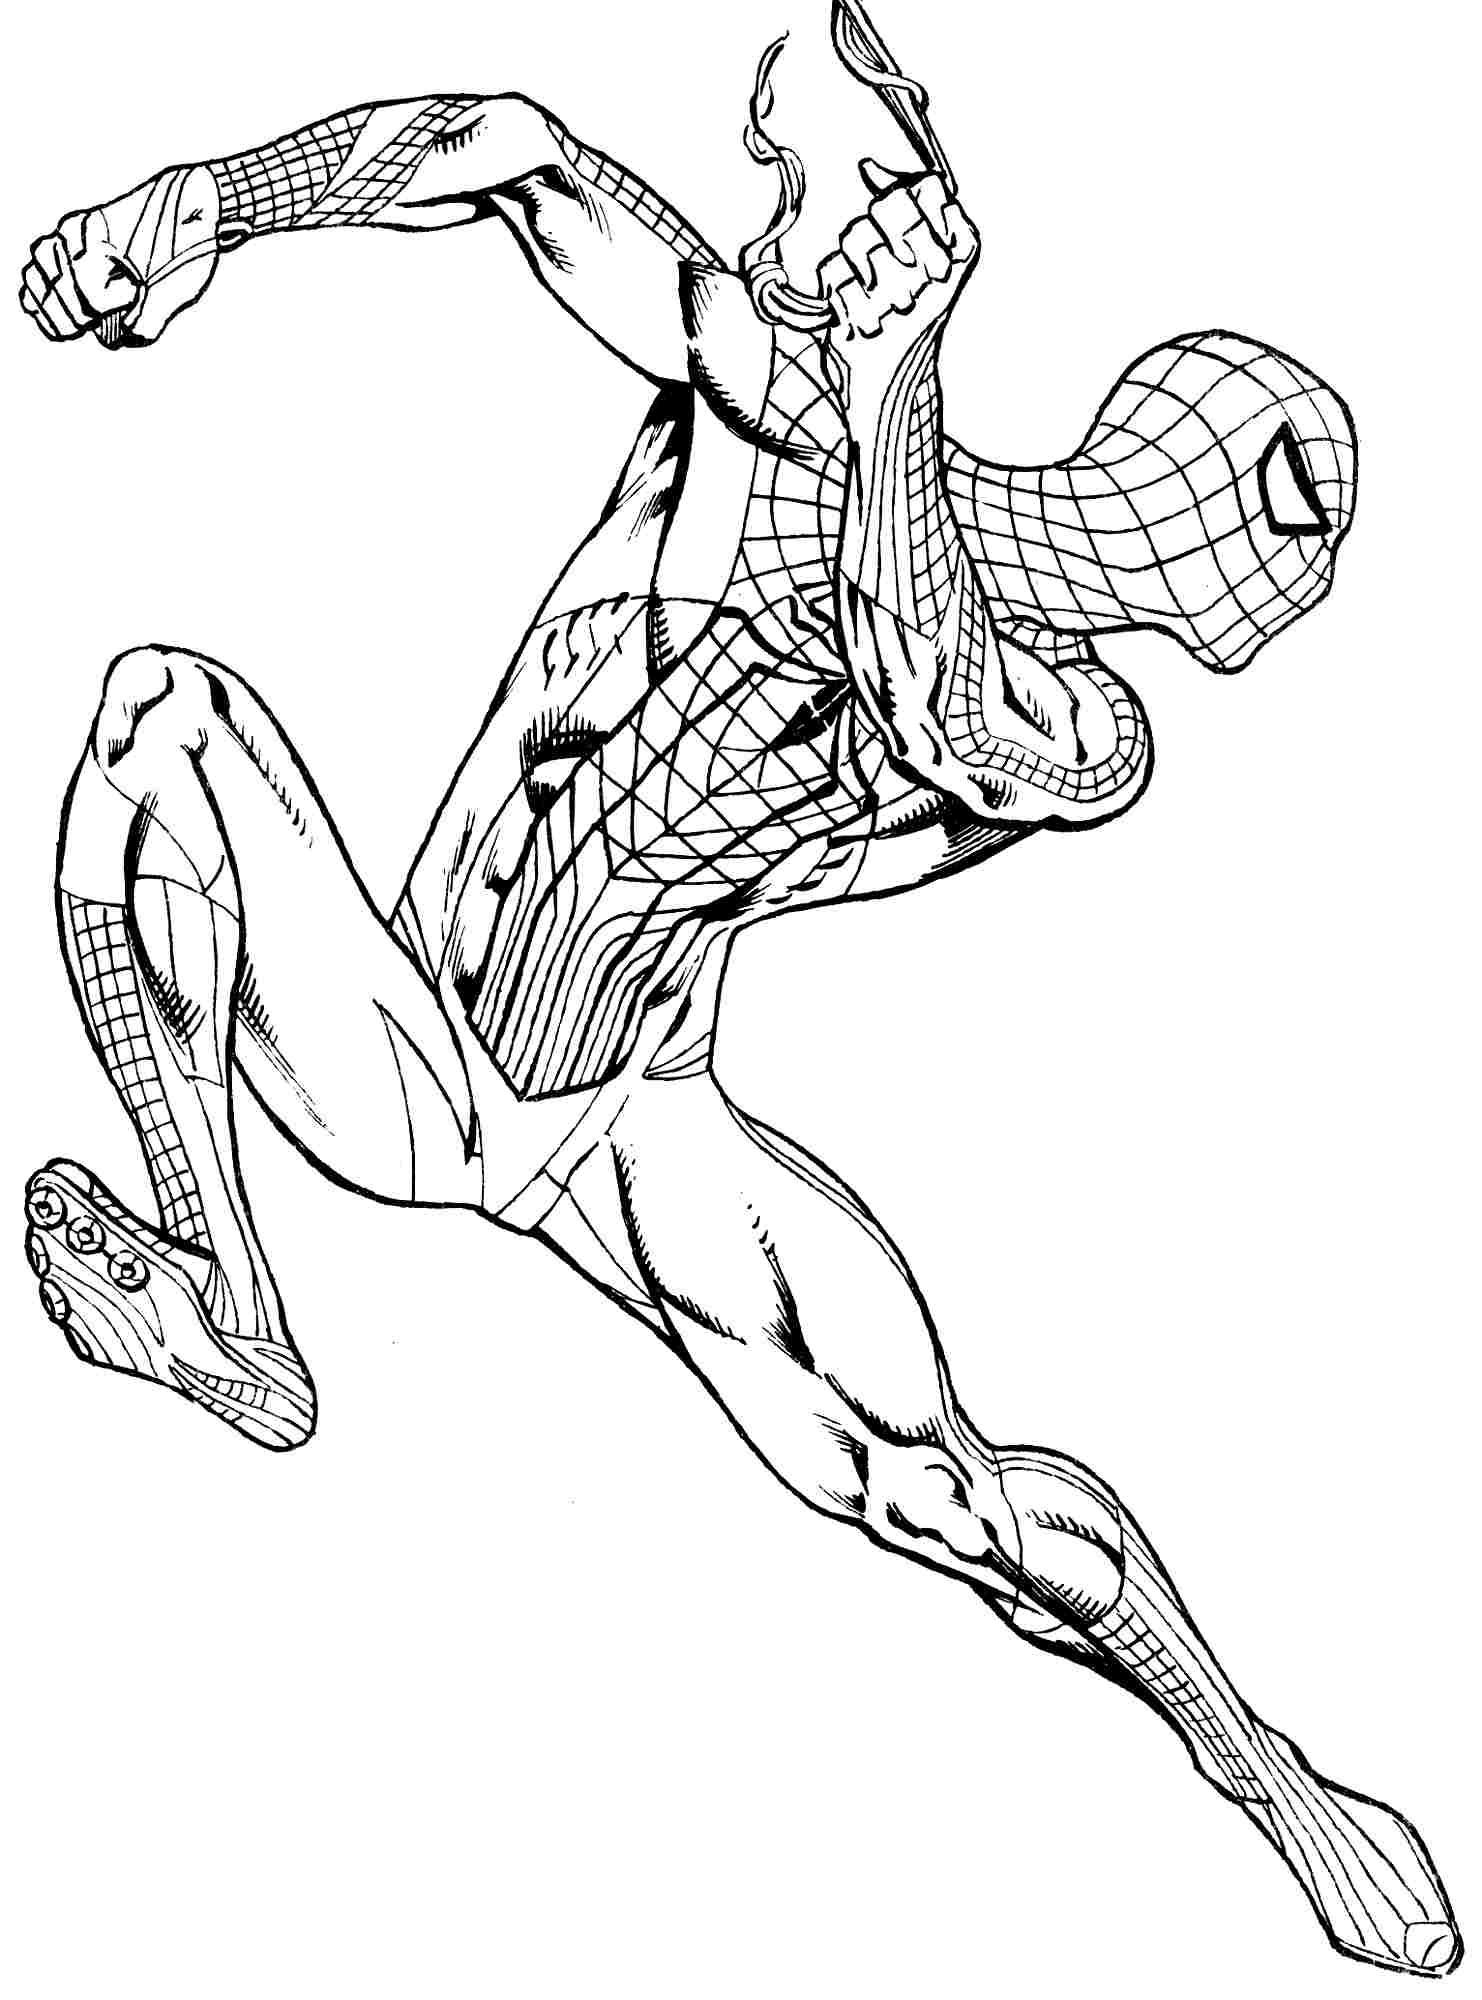 Venom Coloring Pages Lego Venom Spider Marvel Heroes: Spiderman-colorear-7